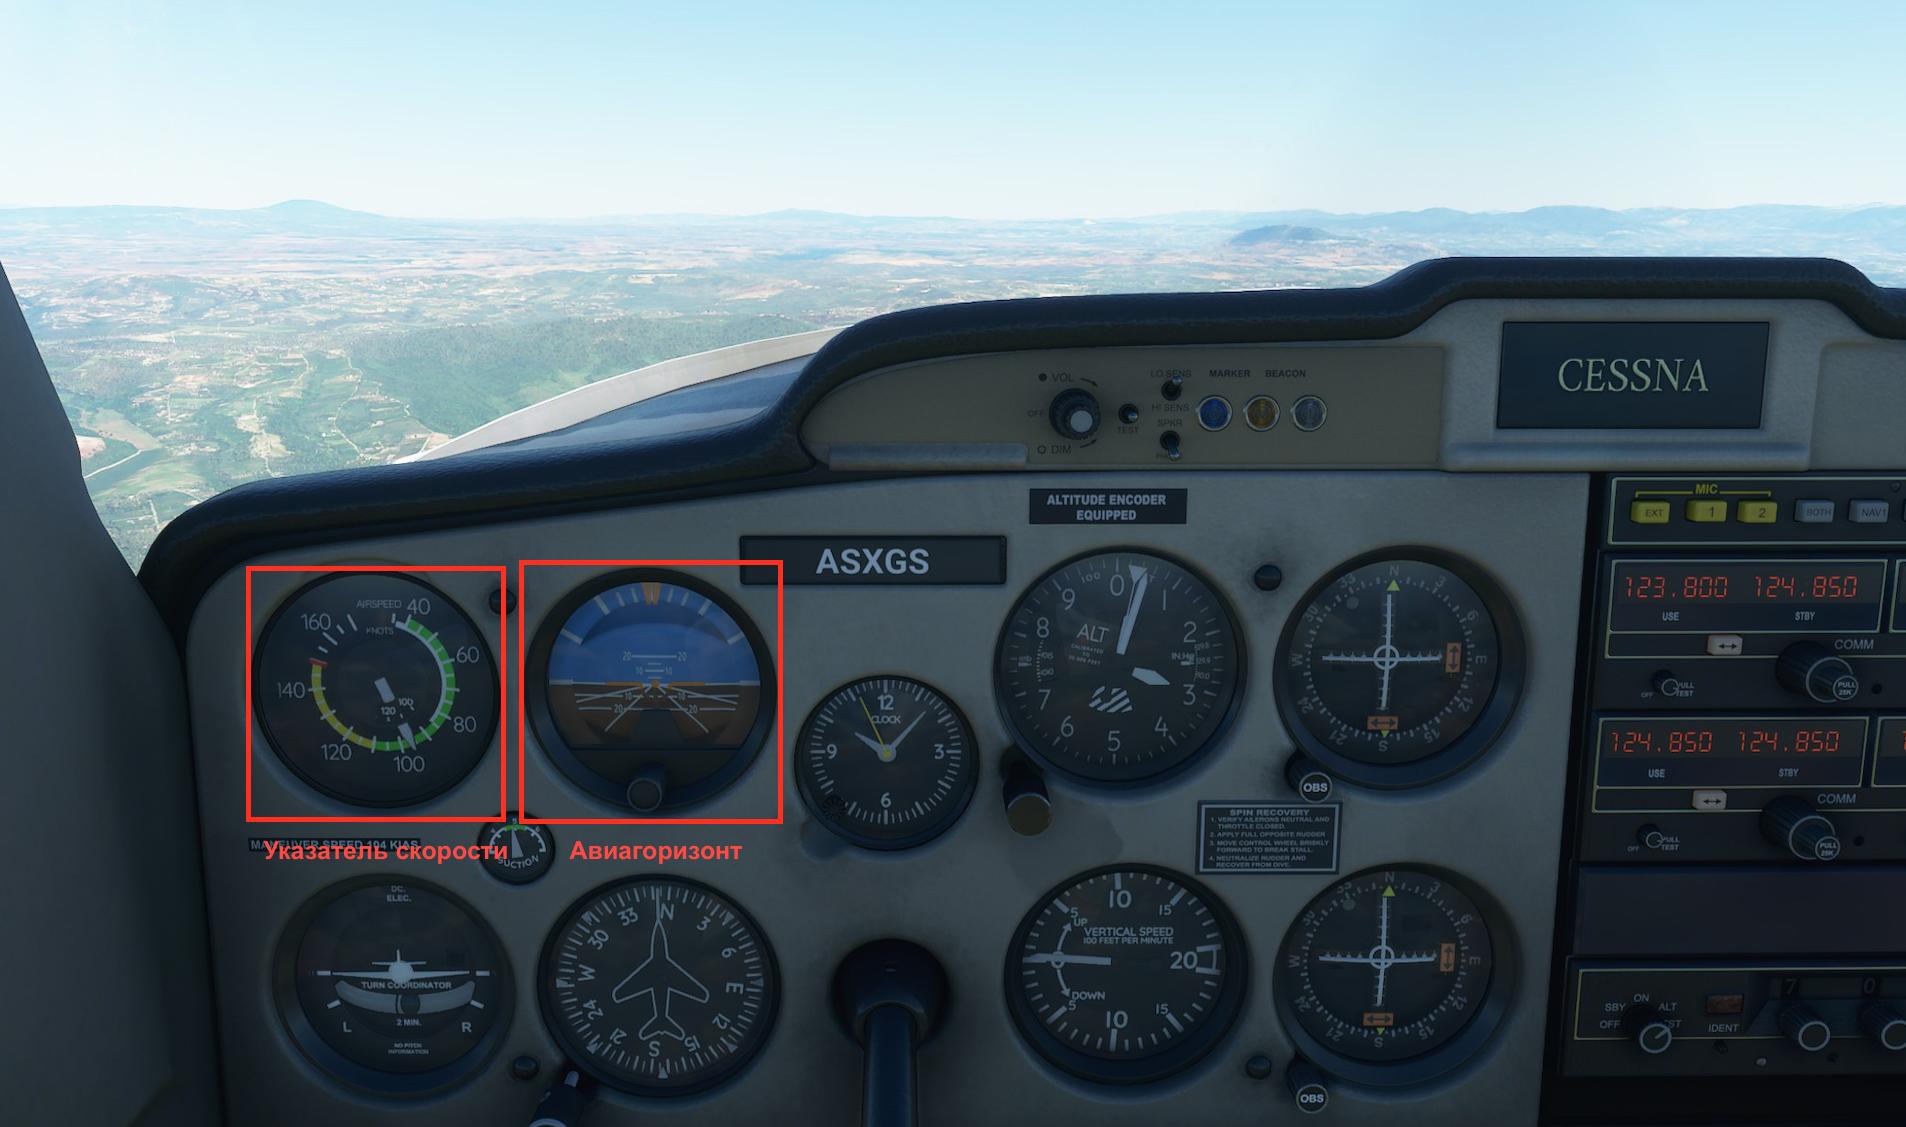 Гайд по Flight Simulator от пилотов: учимся управлять самолетом - 6